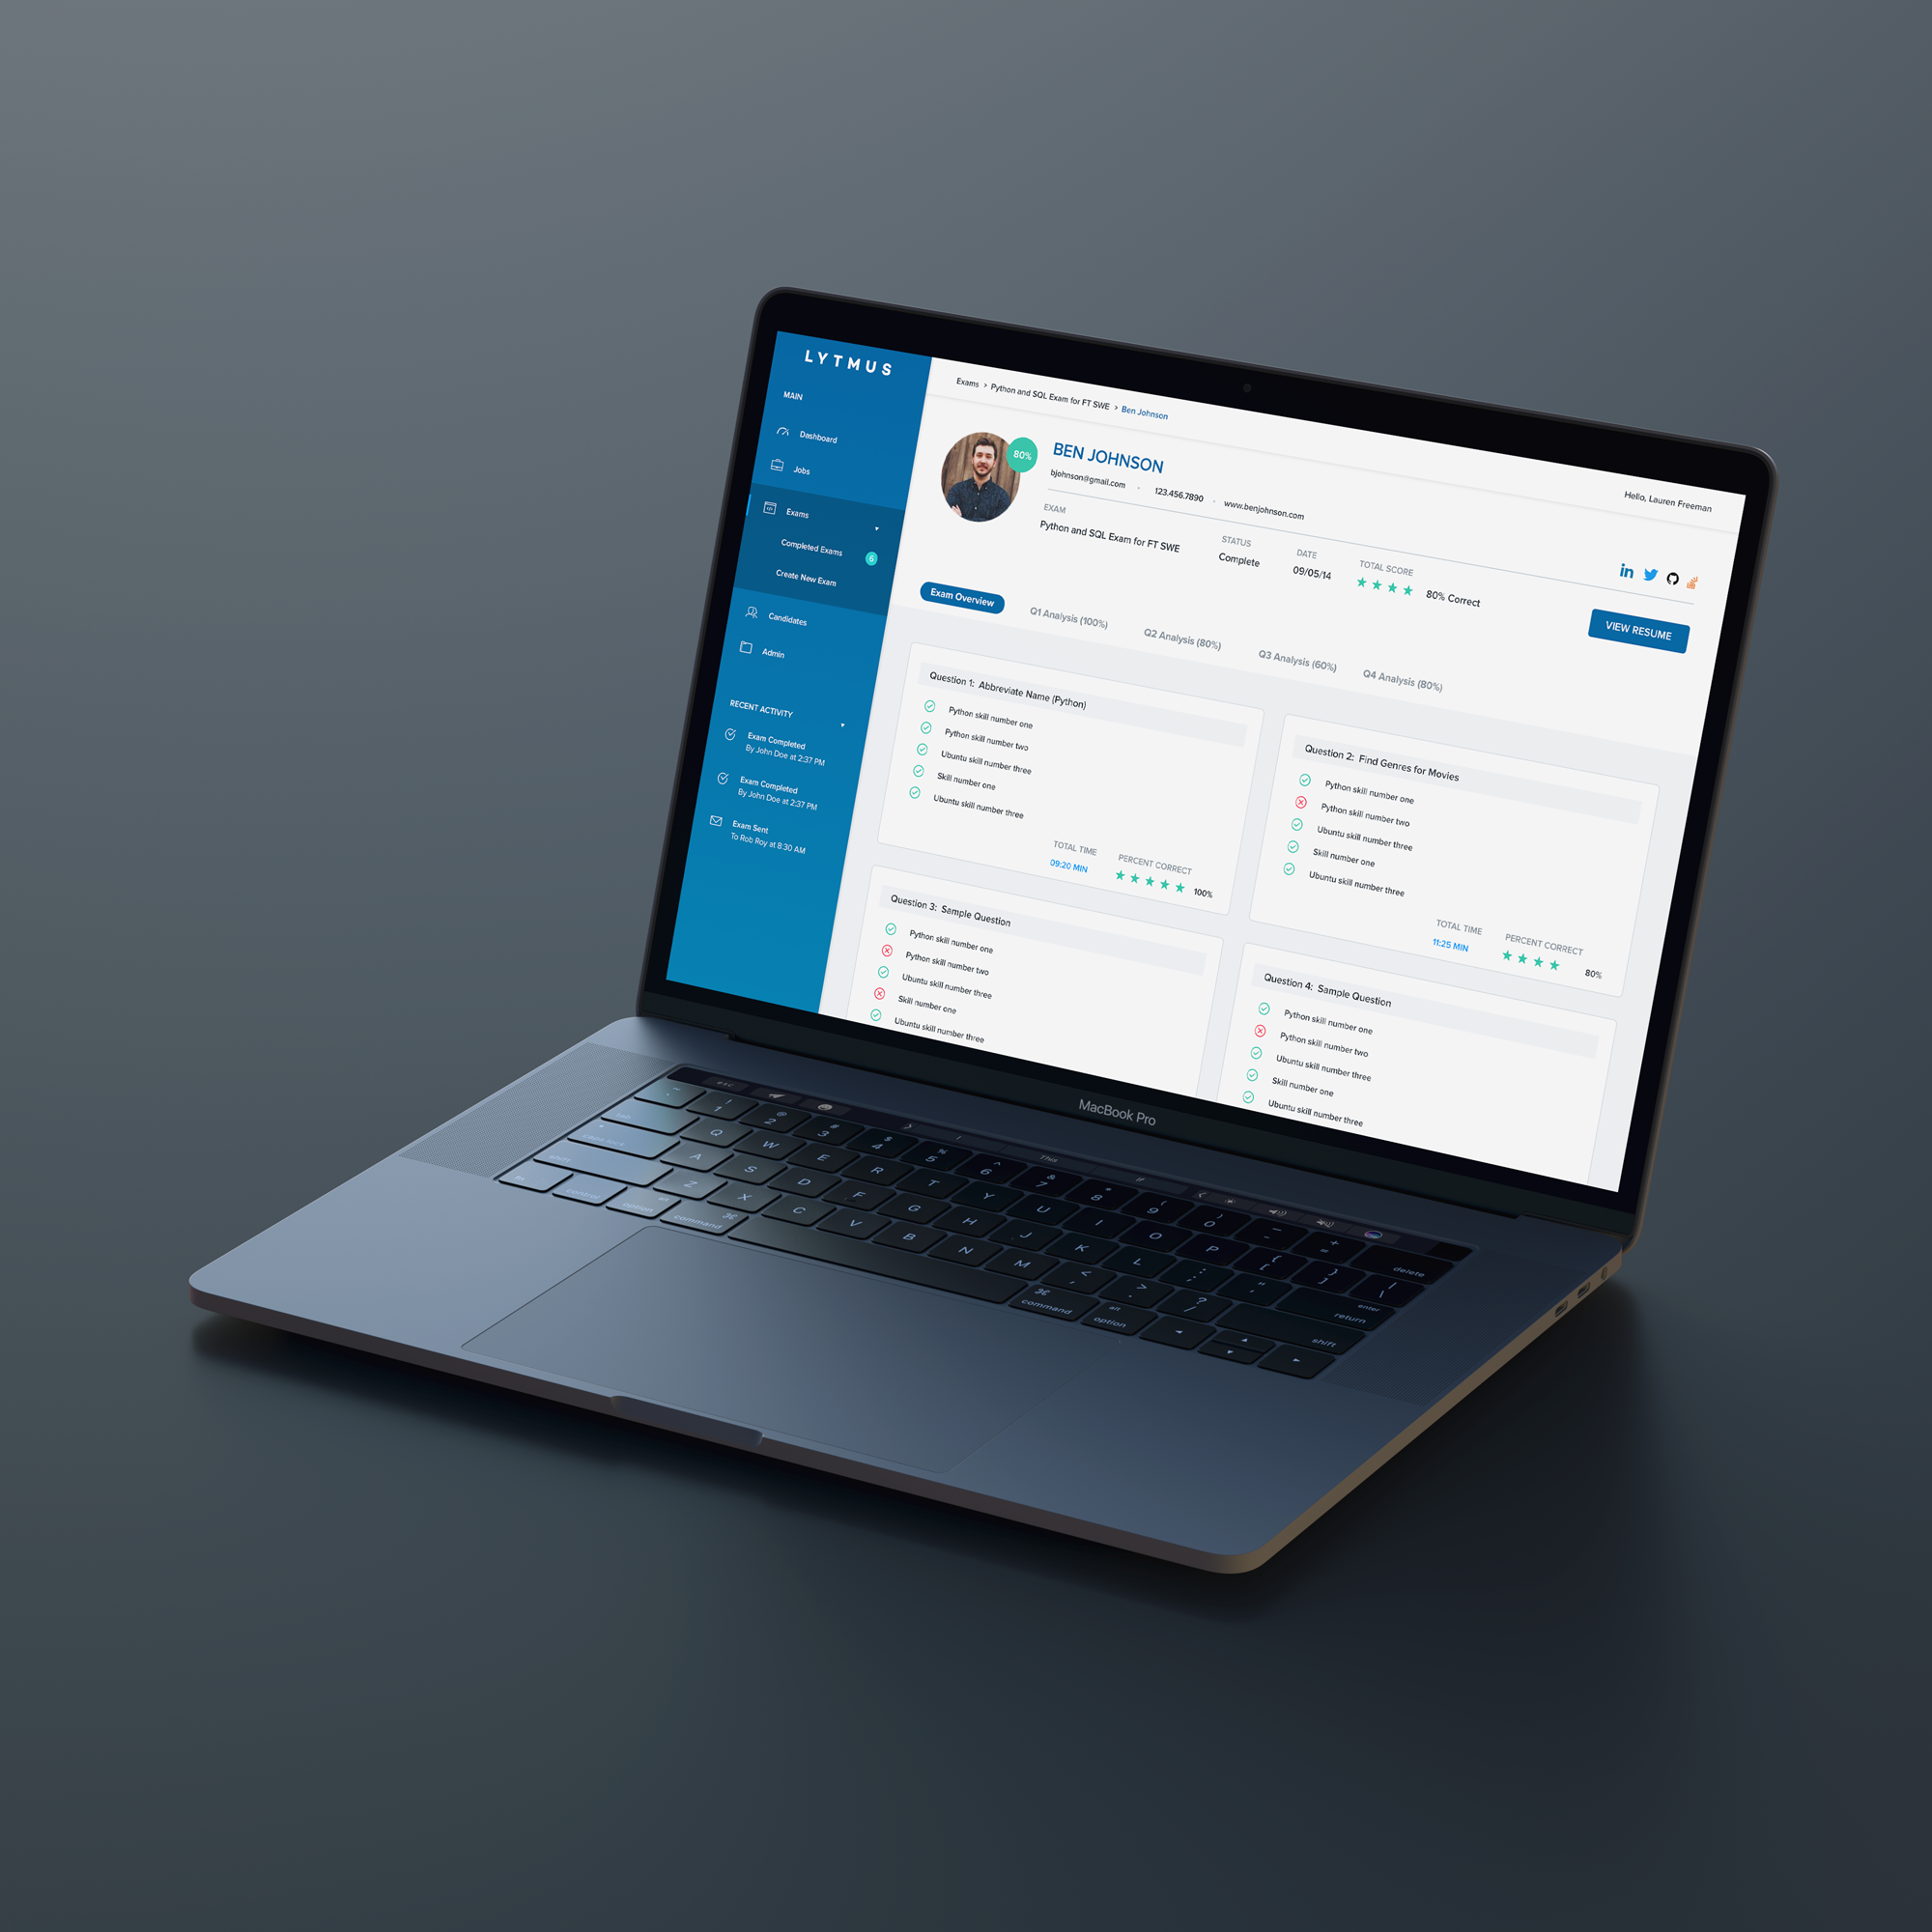 MacBookPro-Lytmus-2.png